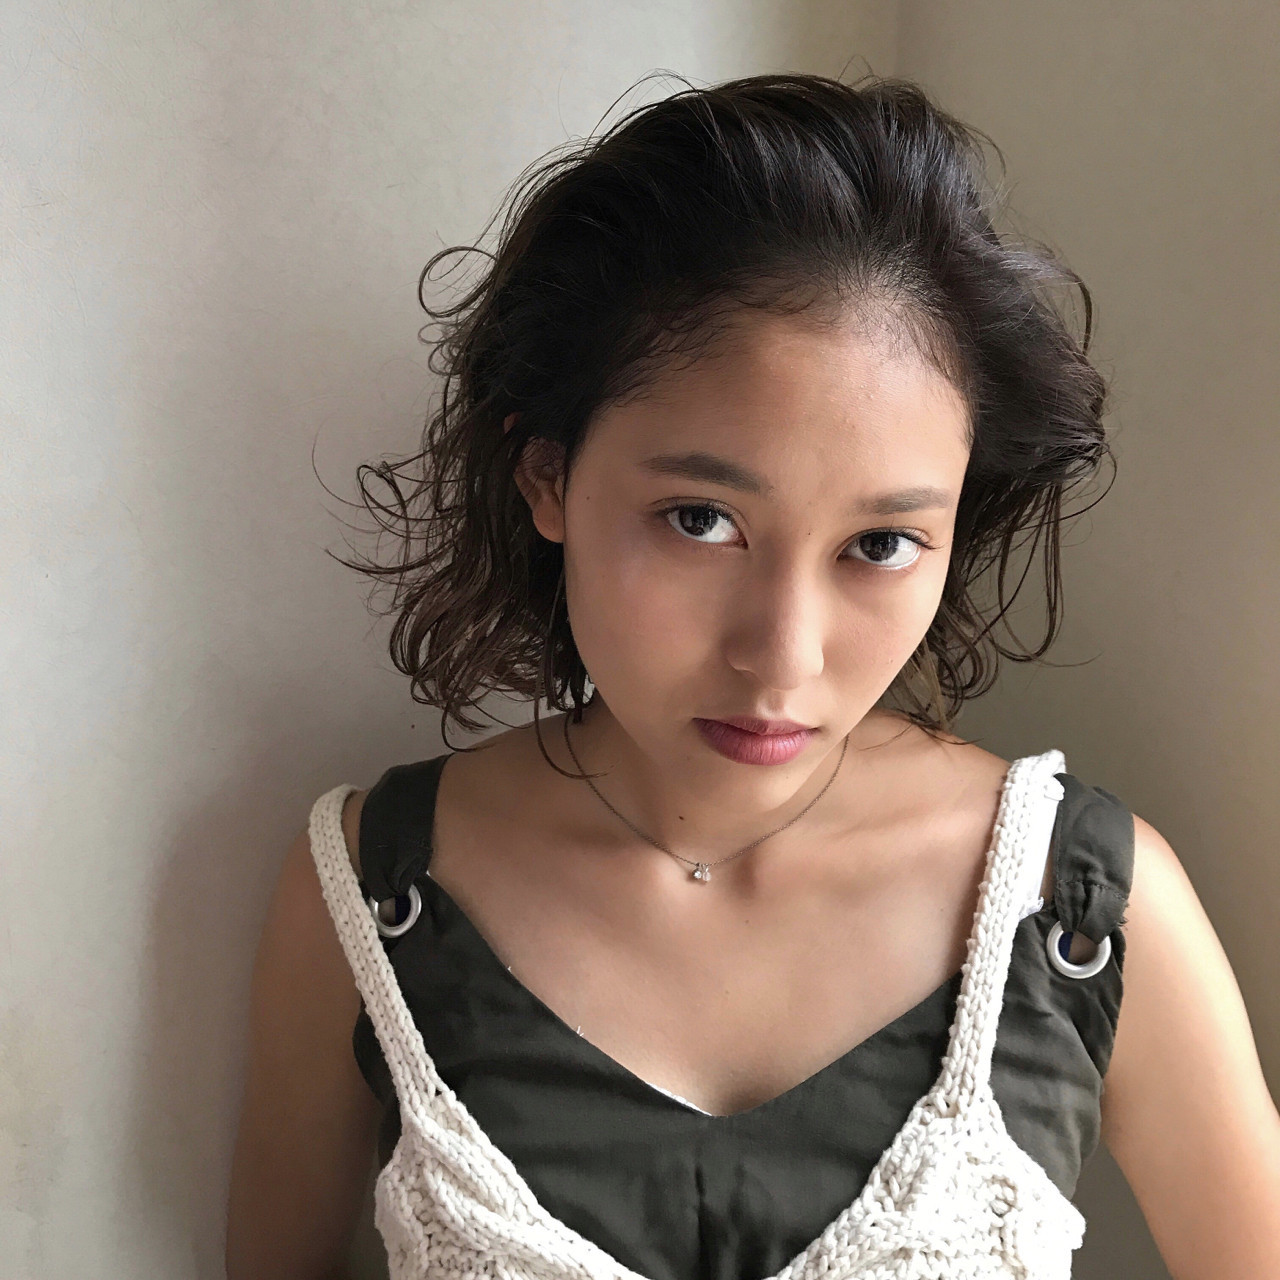 オールバック ボブ 大人女子 ナチュラル ヘアスタイルや髪型の写真・画像